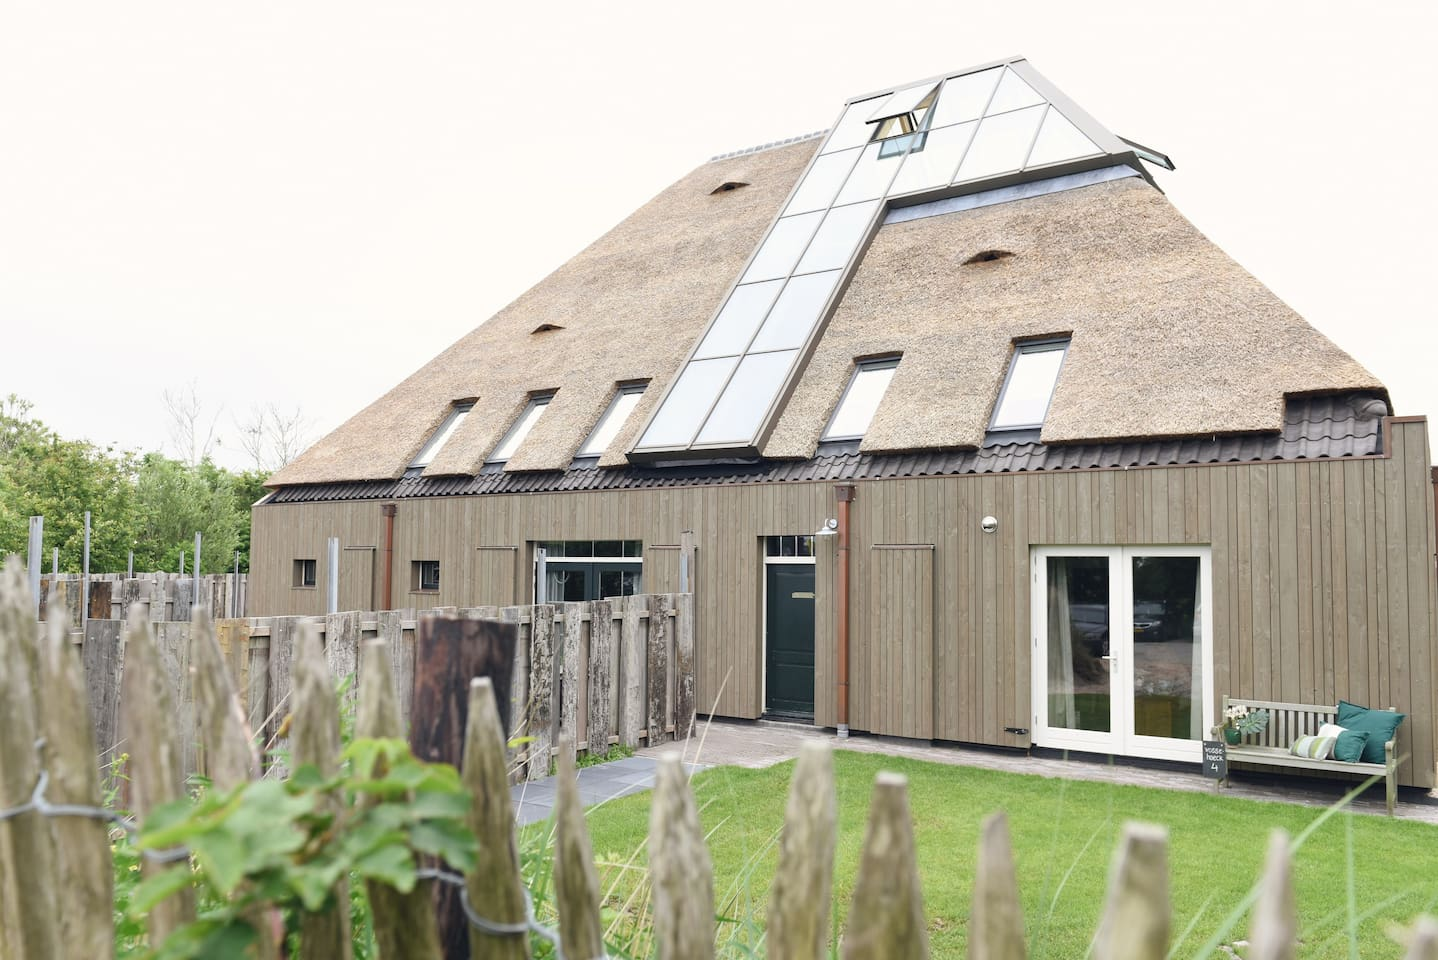 Appartement Vossehoeck IIII